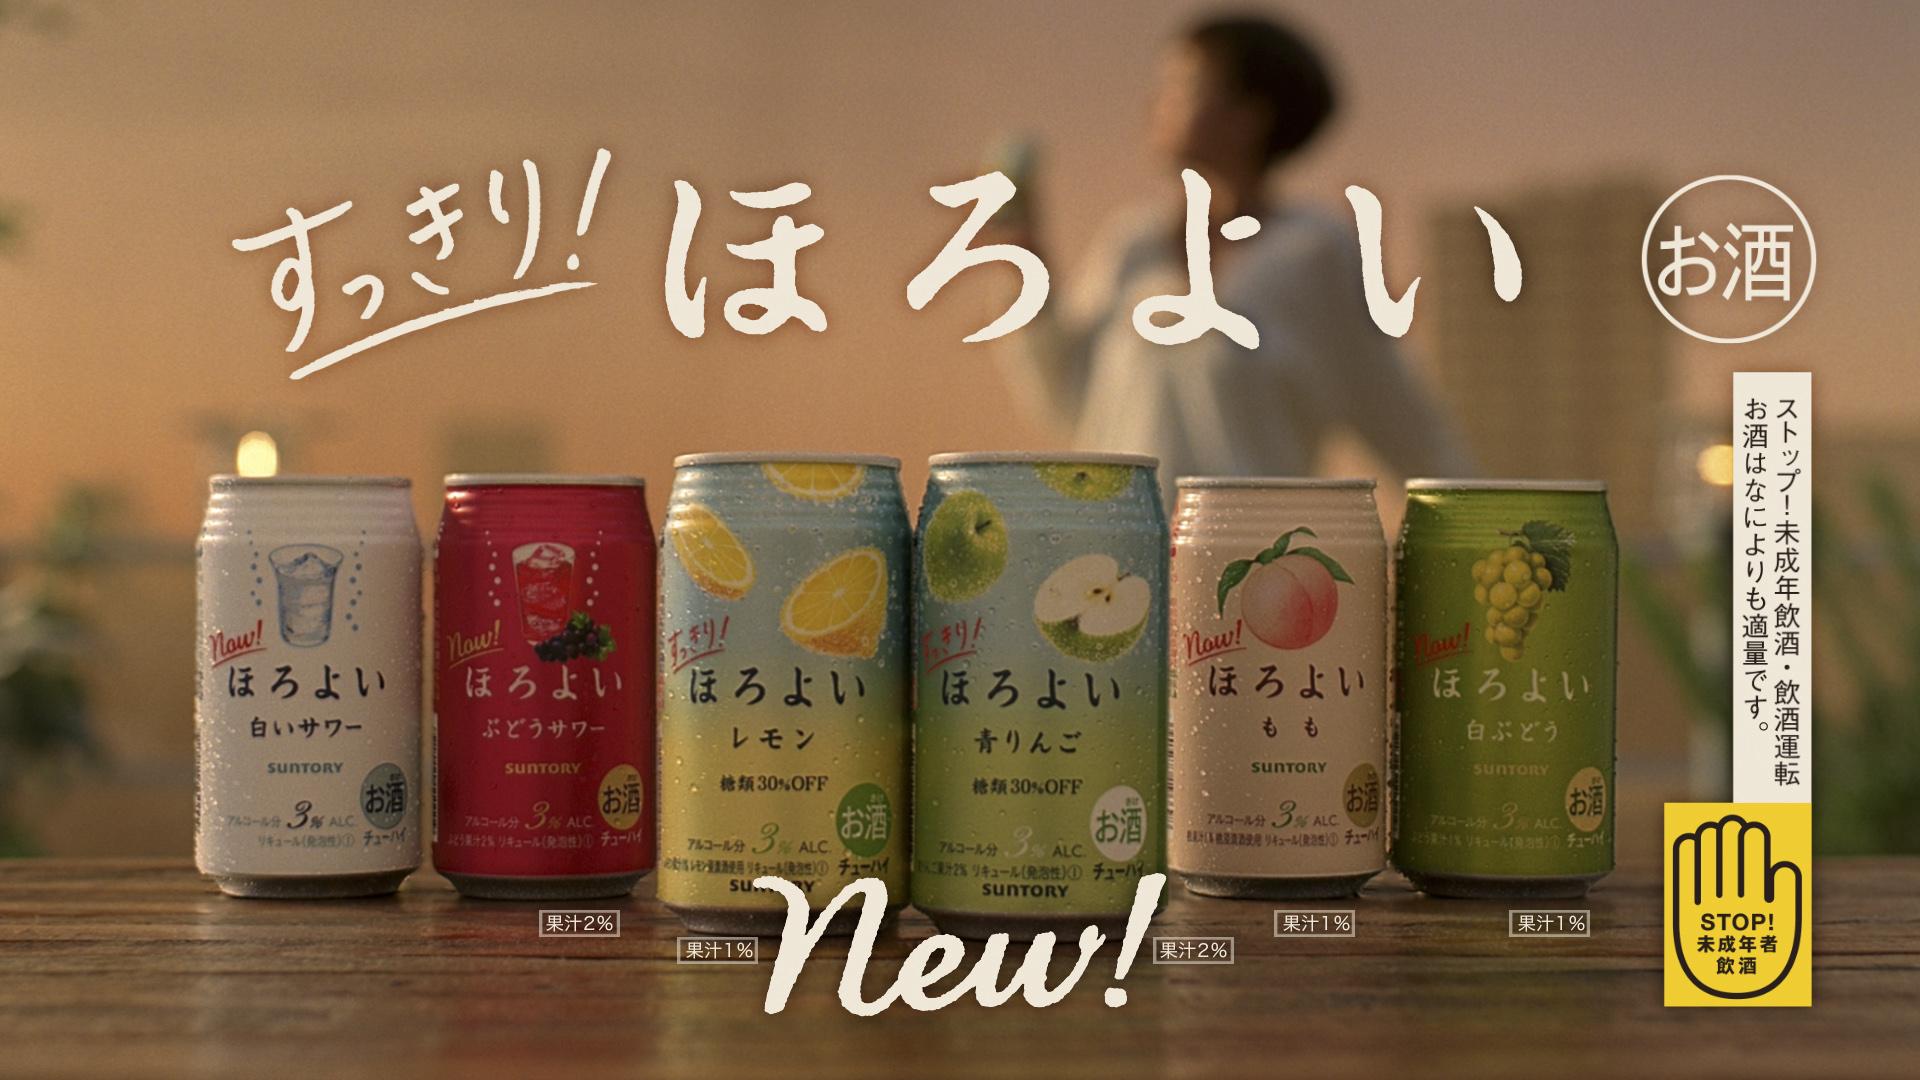 ほろよい「sukkiri horoyoi erika」篇 15秒 沢尻エリカ サントリー CM 4